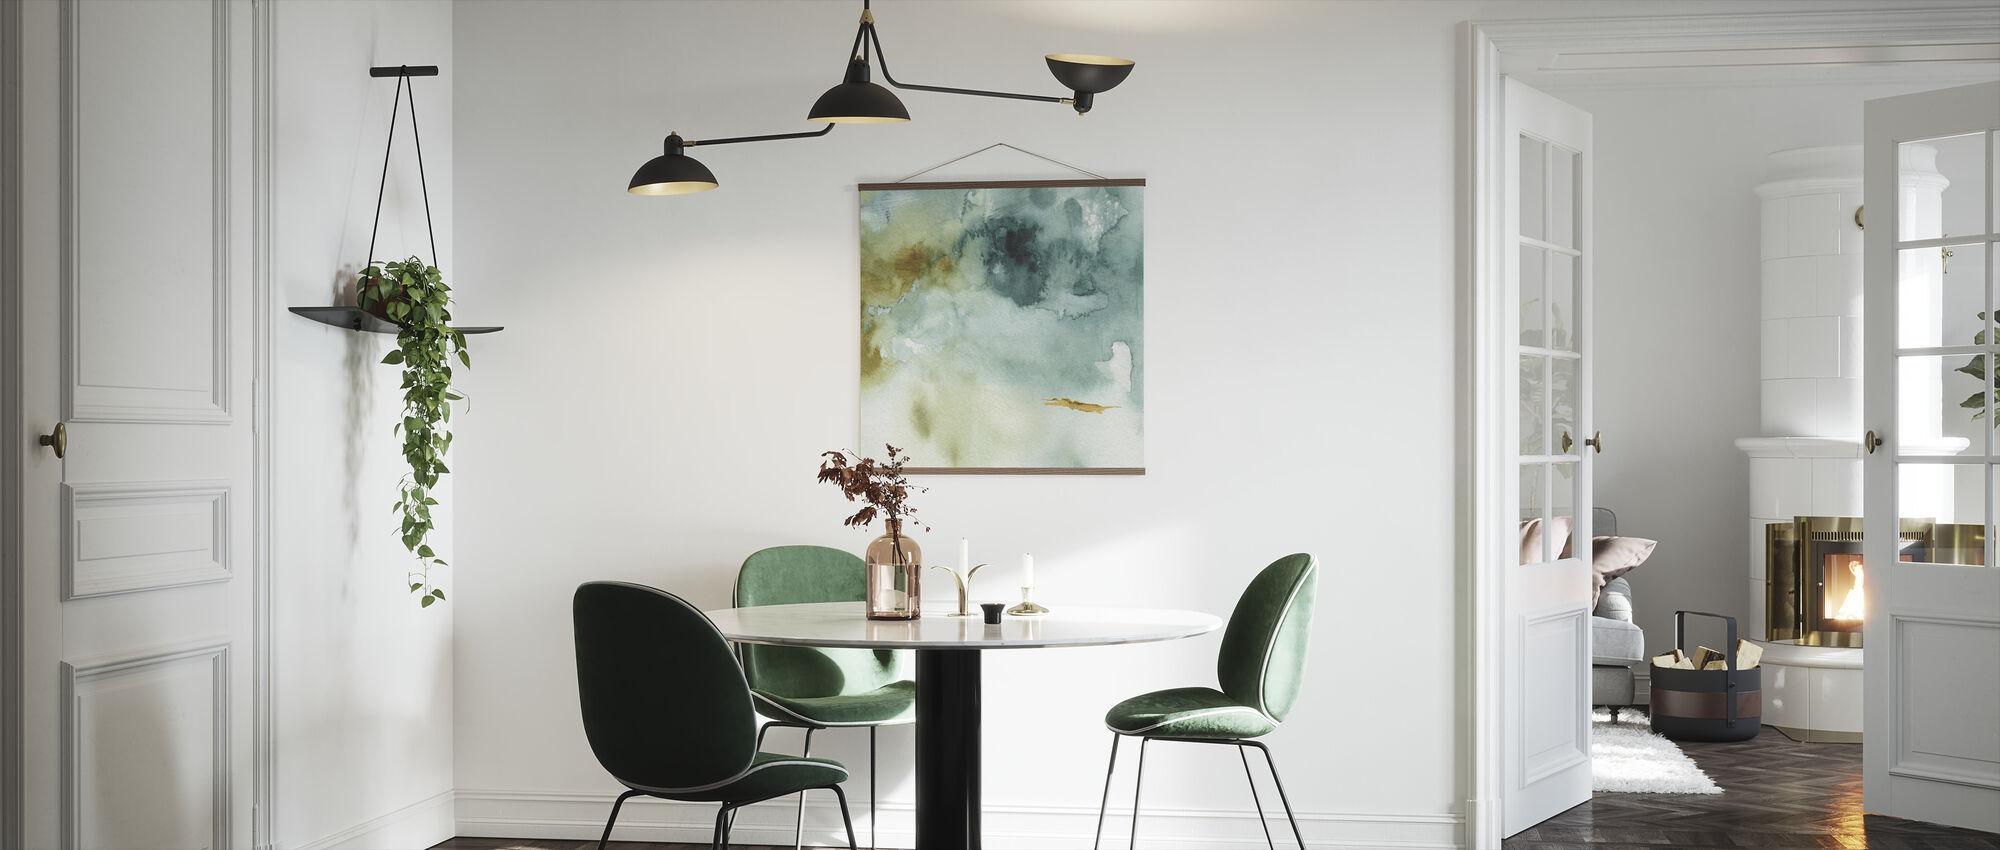 Min drivhus akvarell 2 - Plakat - Kjøkken